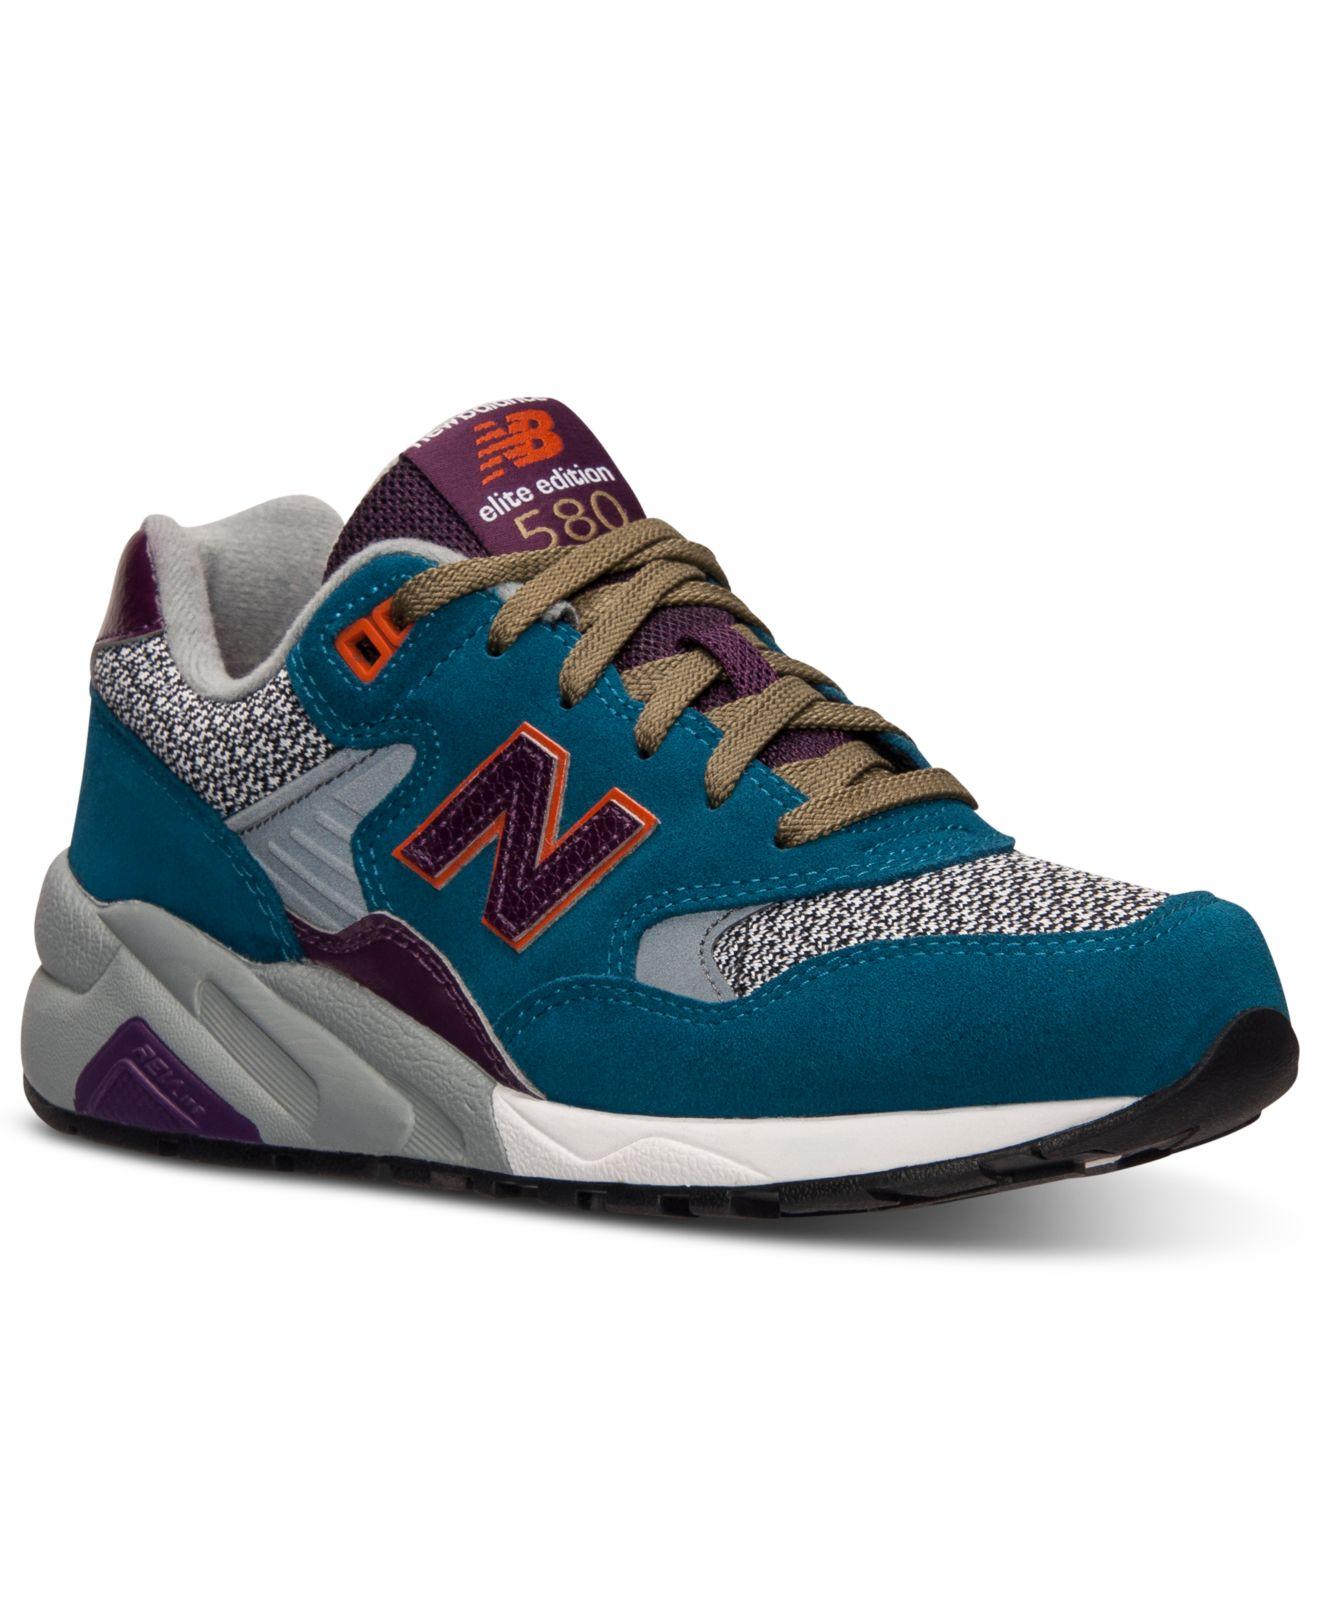 New Balance Ladies Walking Shoes Uk